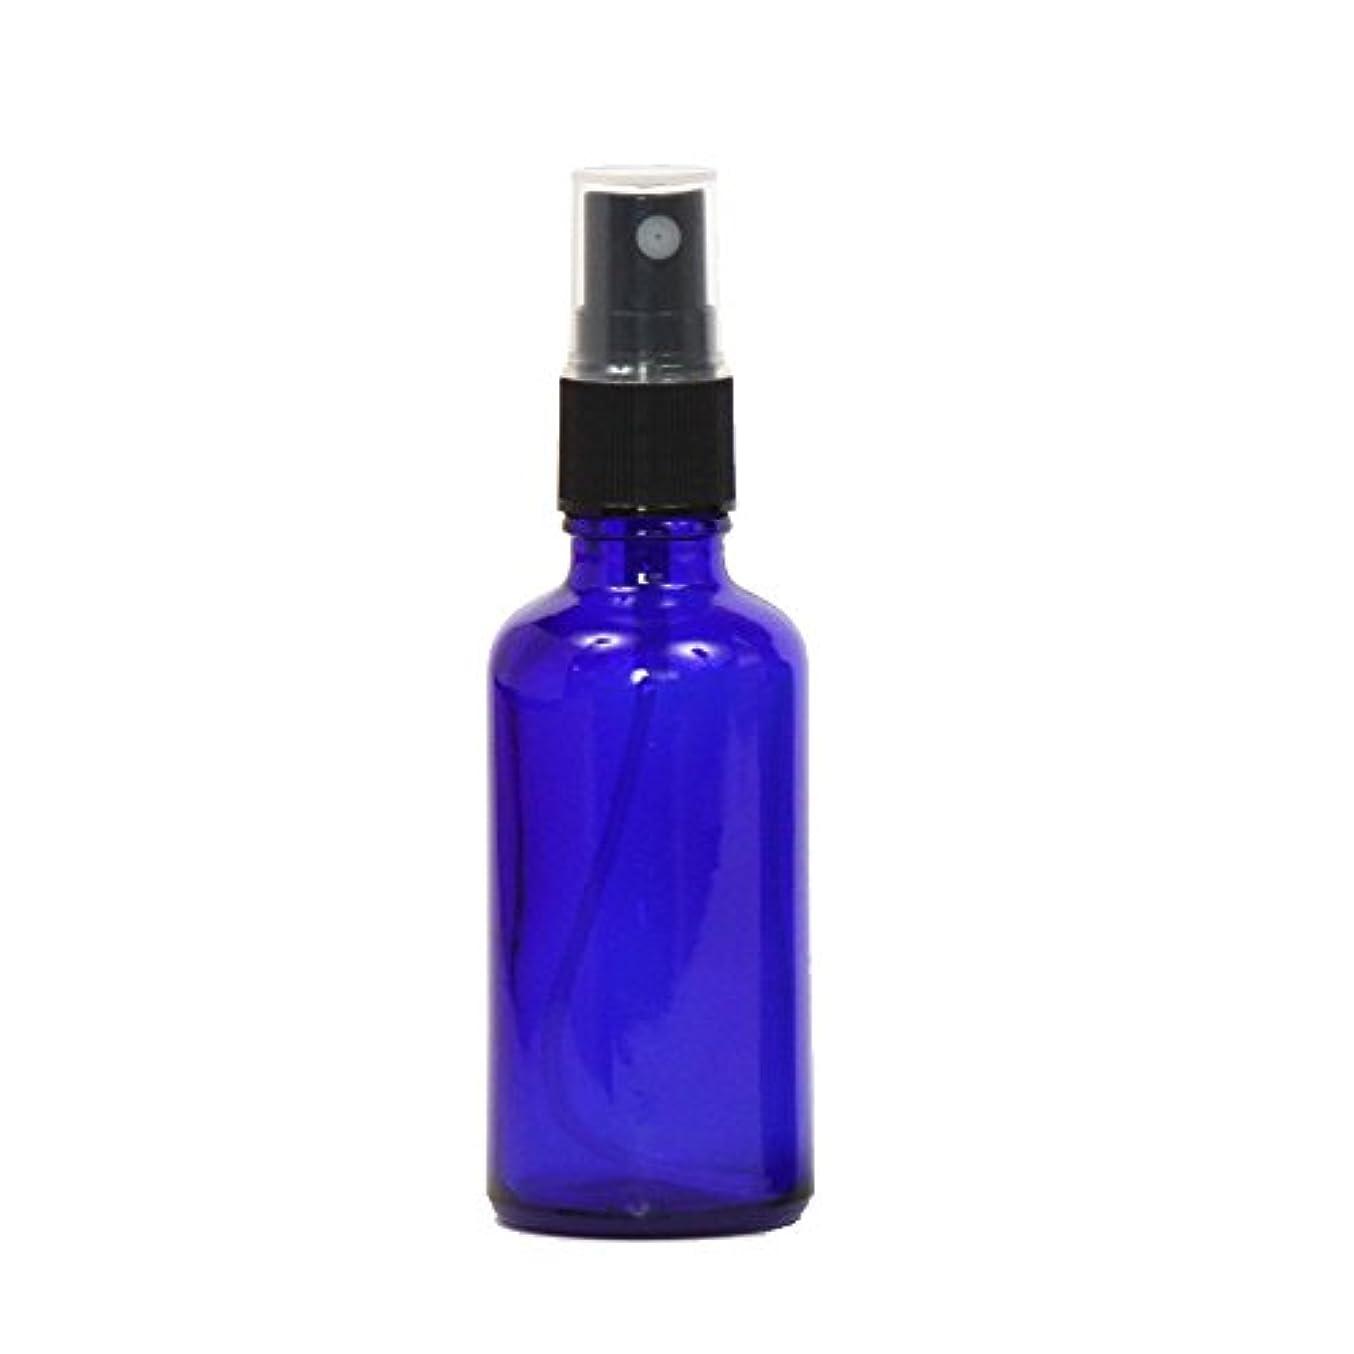 取得するバーゲンオークランドスプレー容器 ガラス瓶ボトル 50mL 遮光性ブルー おしゃれガラスアトマイザー 空容器bu50g